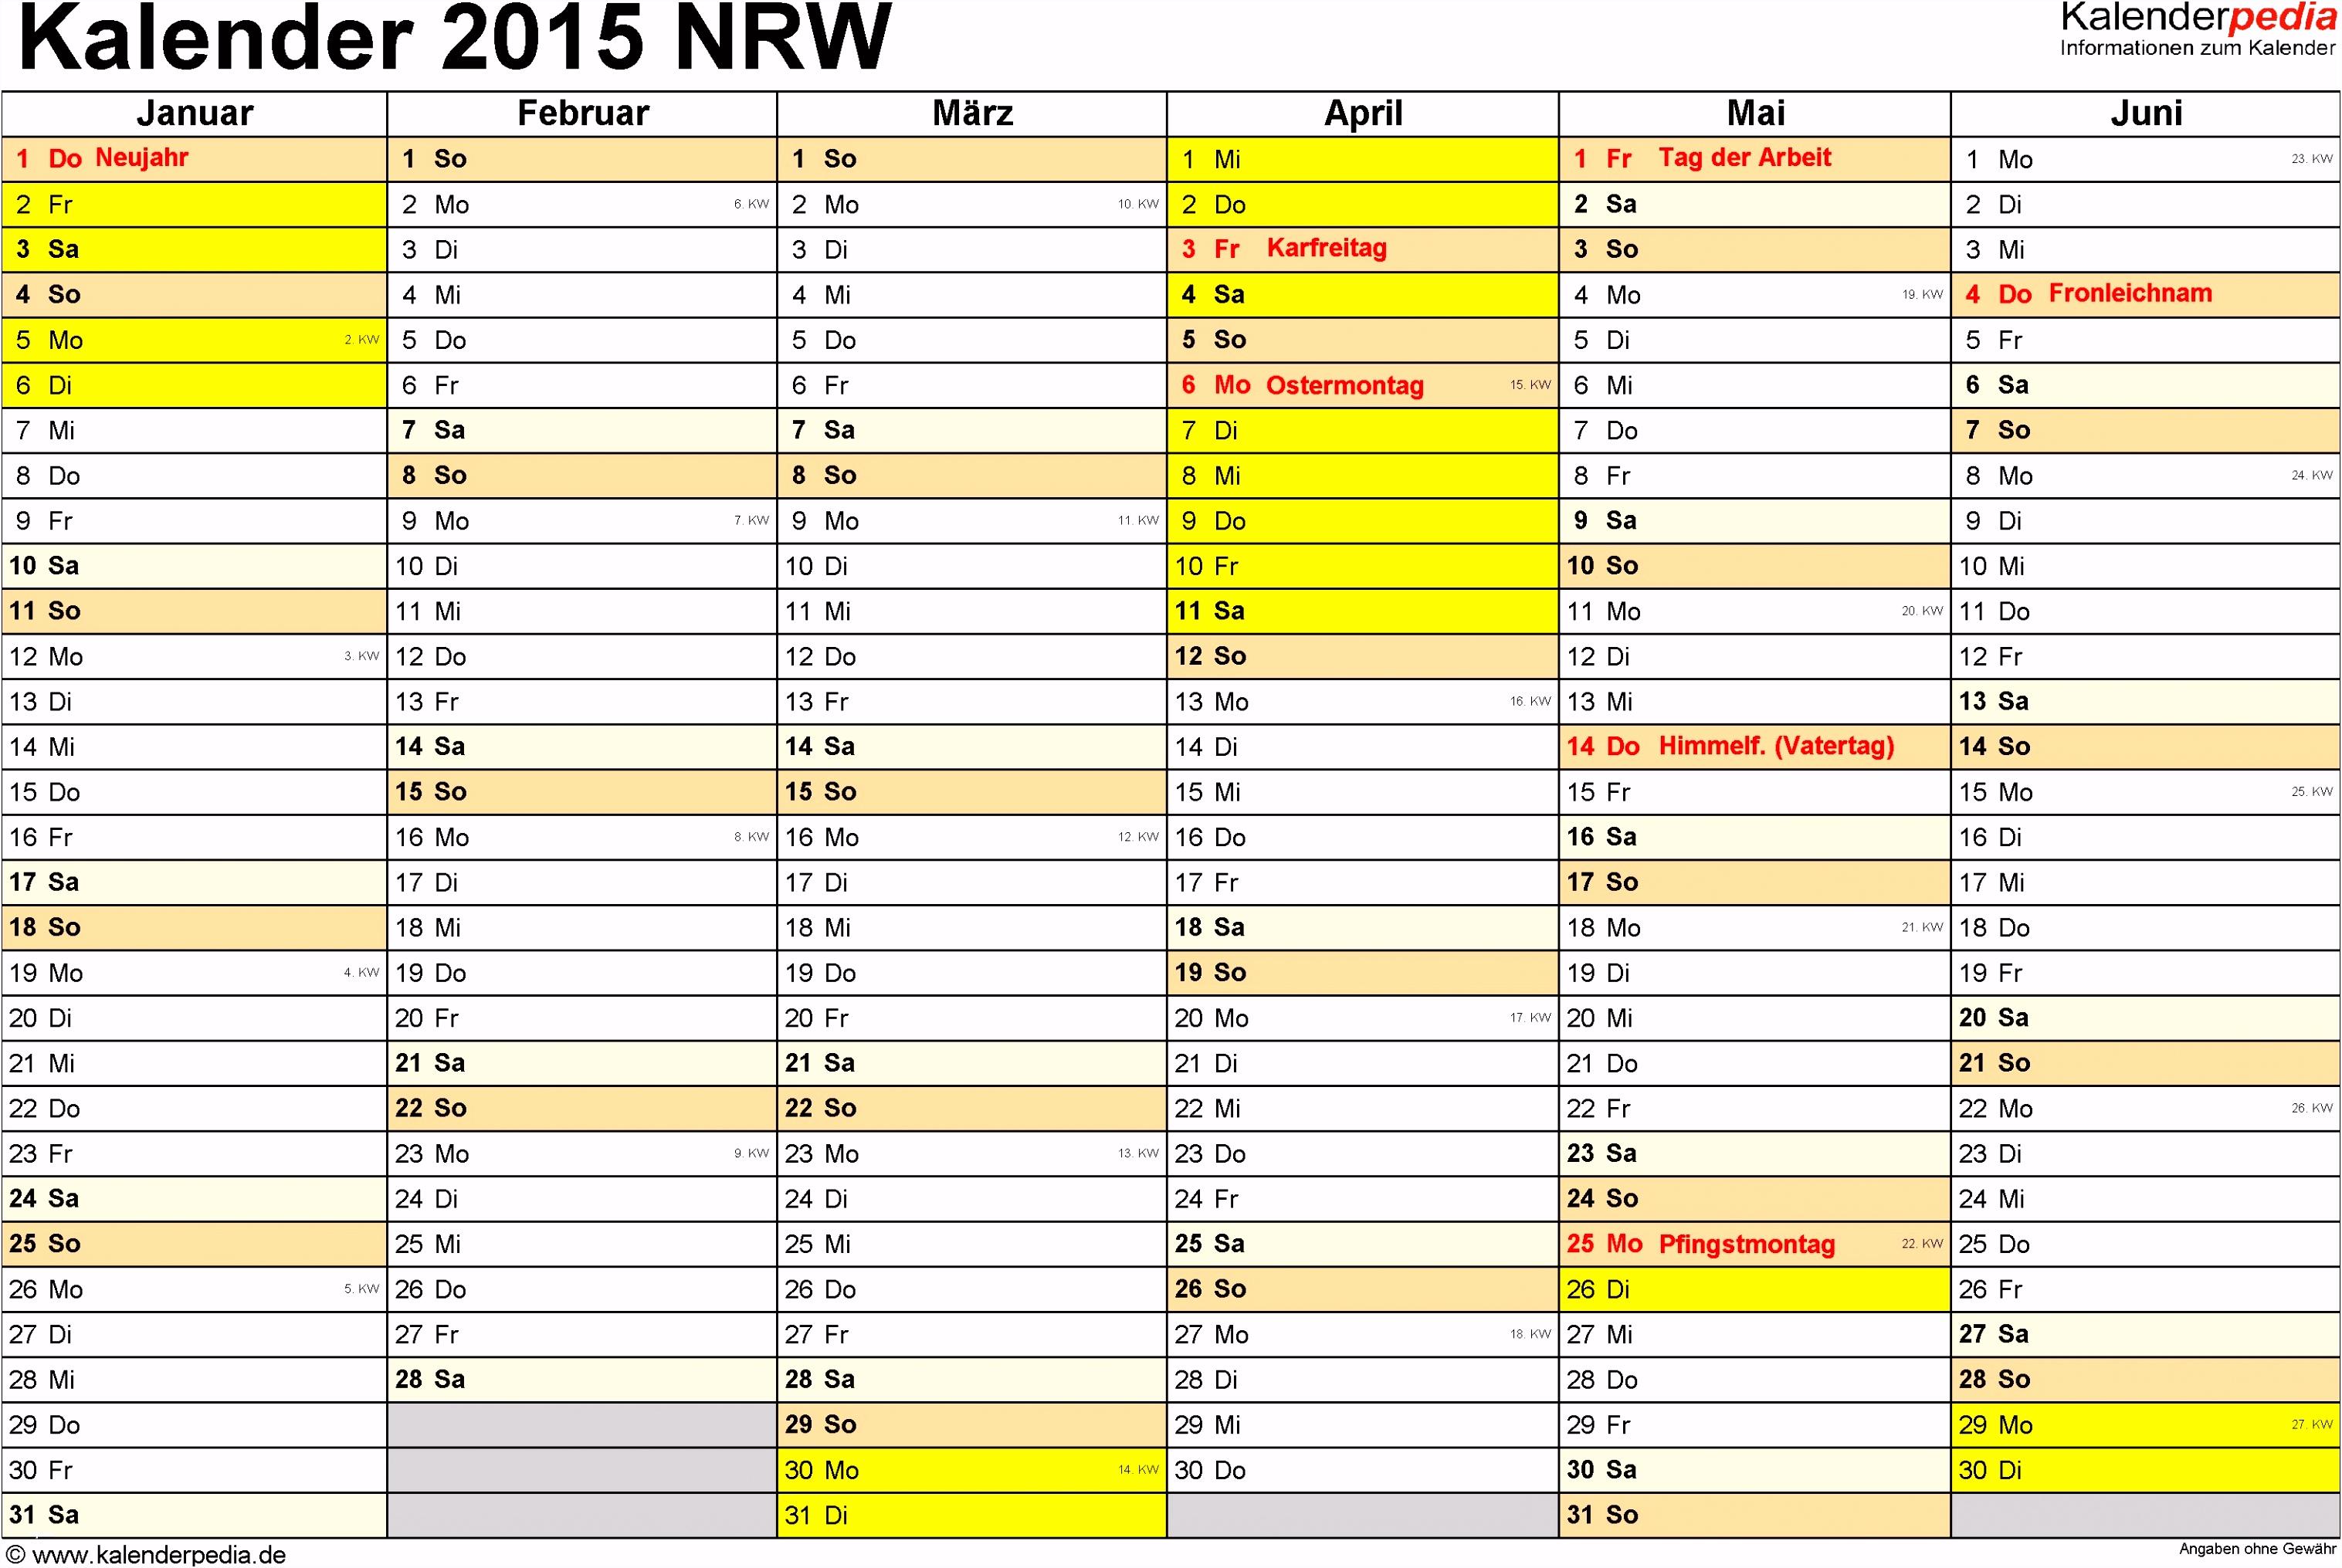 excel kalender 2015 Hola ibmdatamanagement